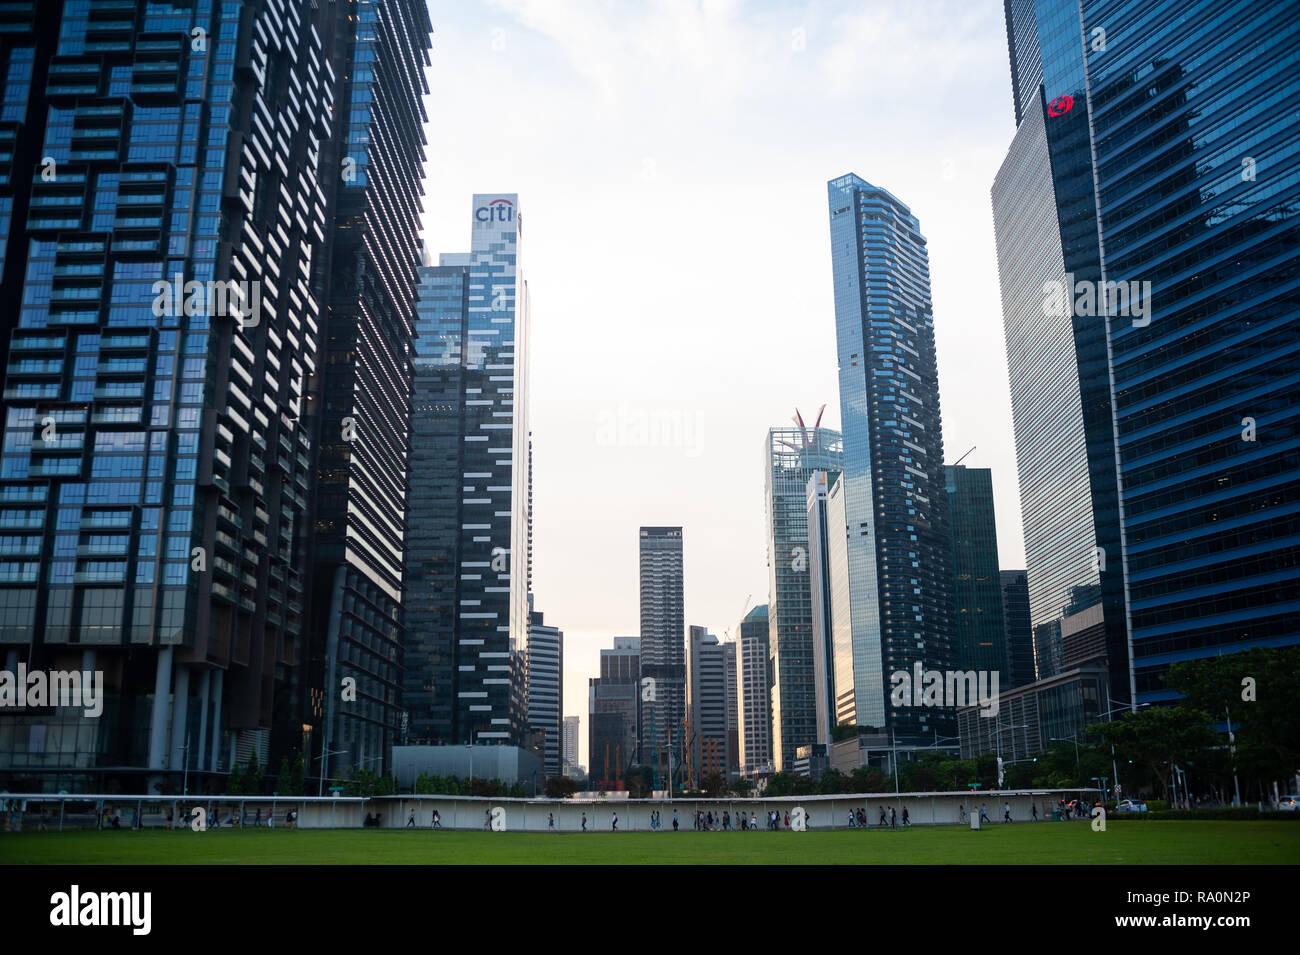 19.10.2018, Singapur, Republik Singapur, Asien - Moderne Wolkenkratzer reihen sich entlang des Geschaeftsviertels in Marina Bay mit dem Marina One auf - Stock Image